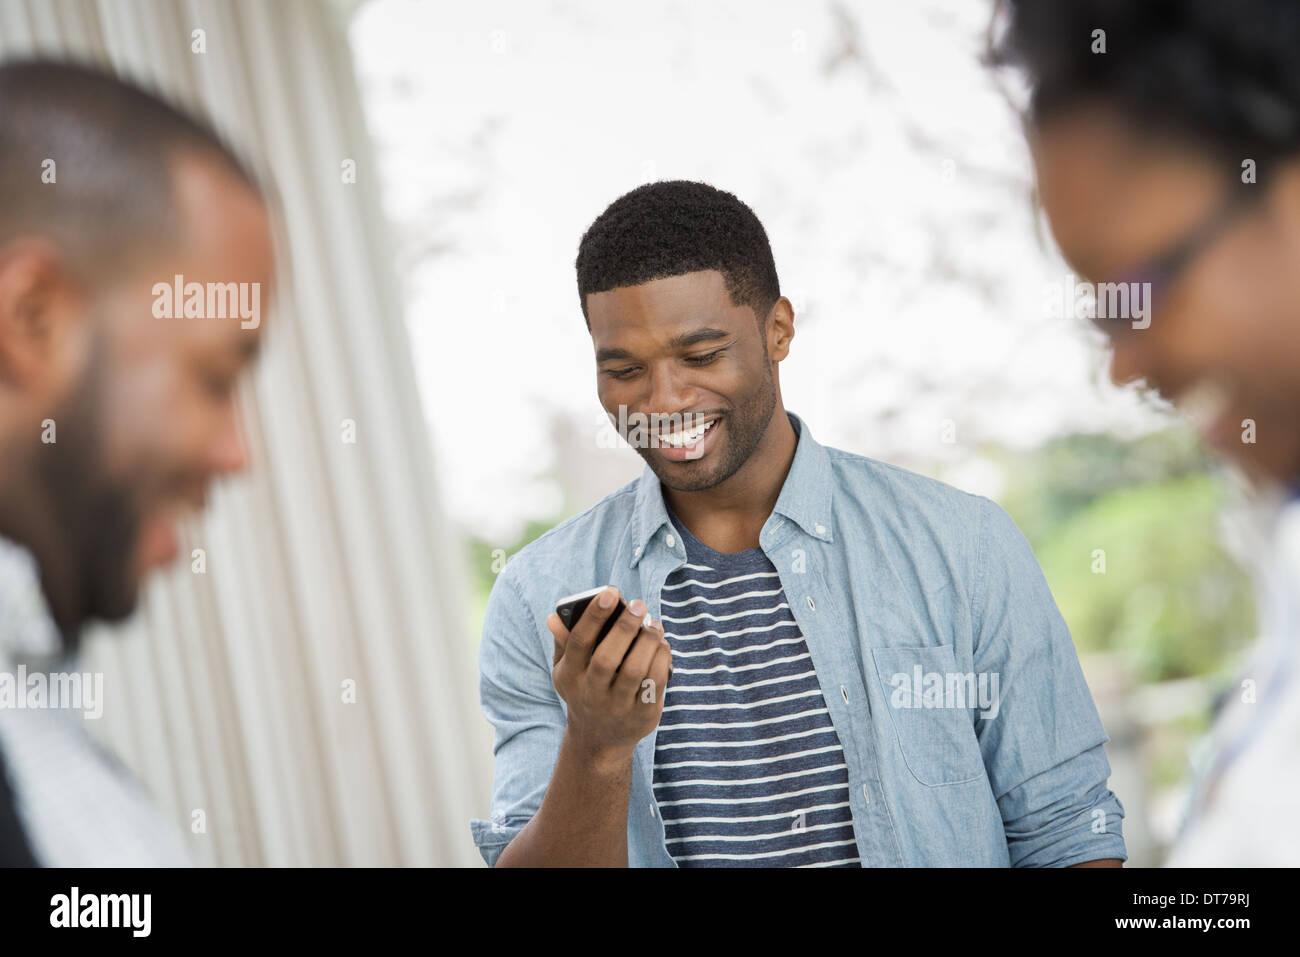 Ein junger Mann überprüft seine Telefon hinter ein paar im Vordergrund. Stockbild